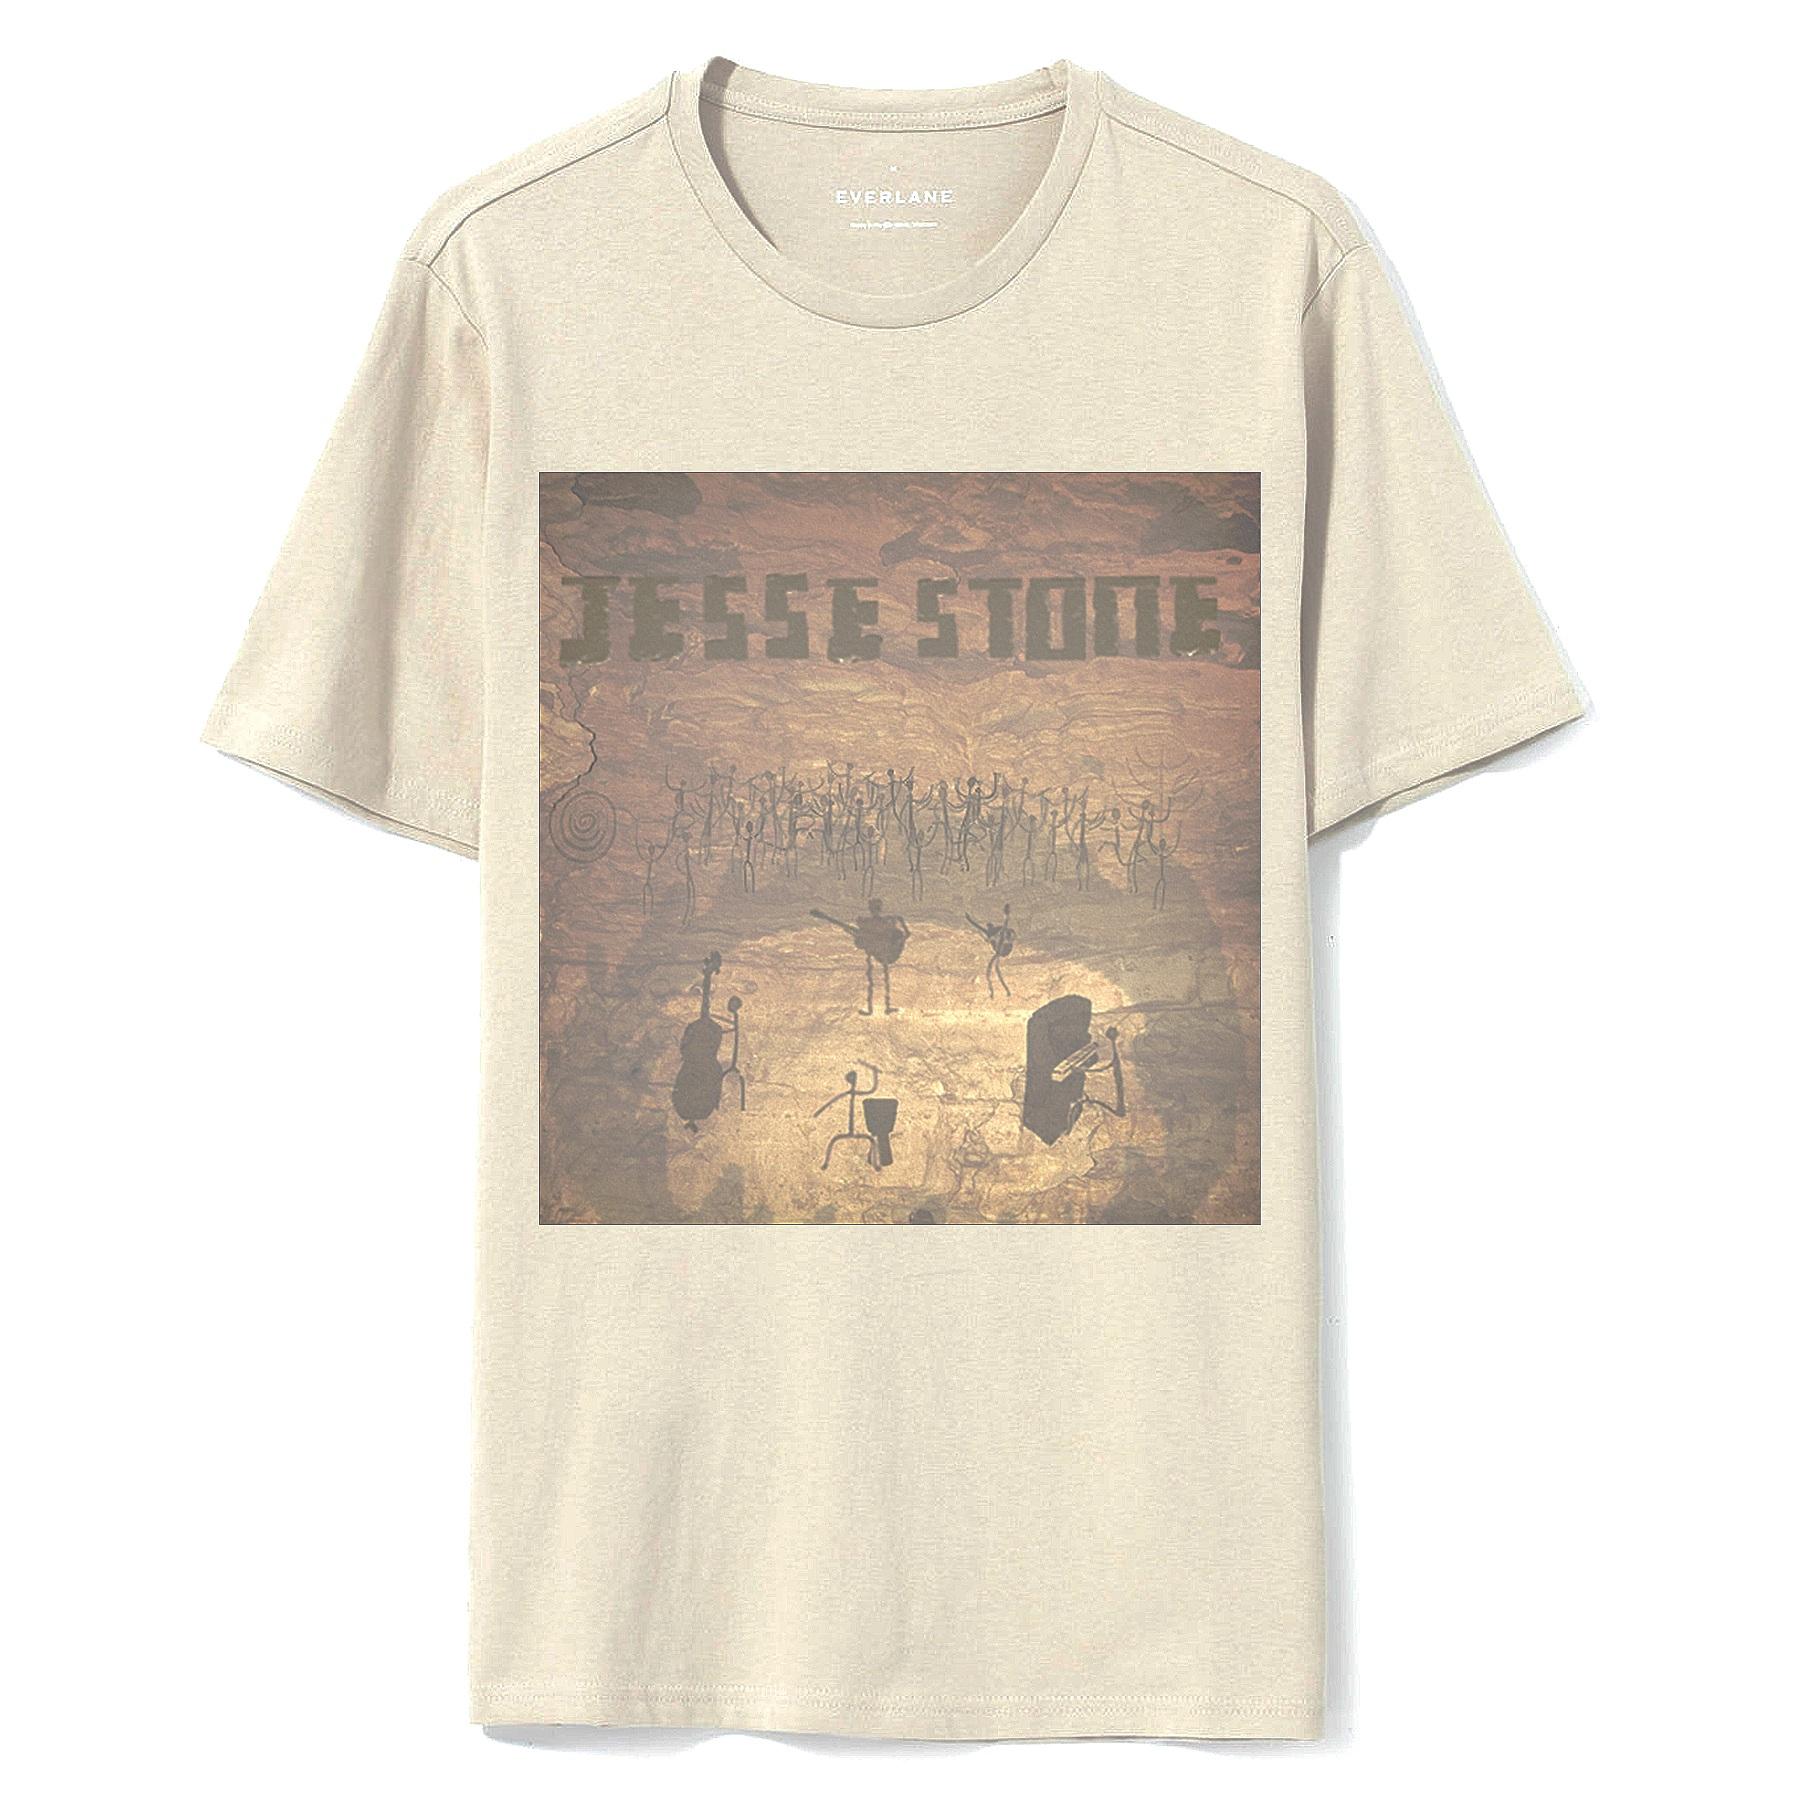 sample+shirt+3.jpg